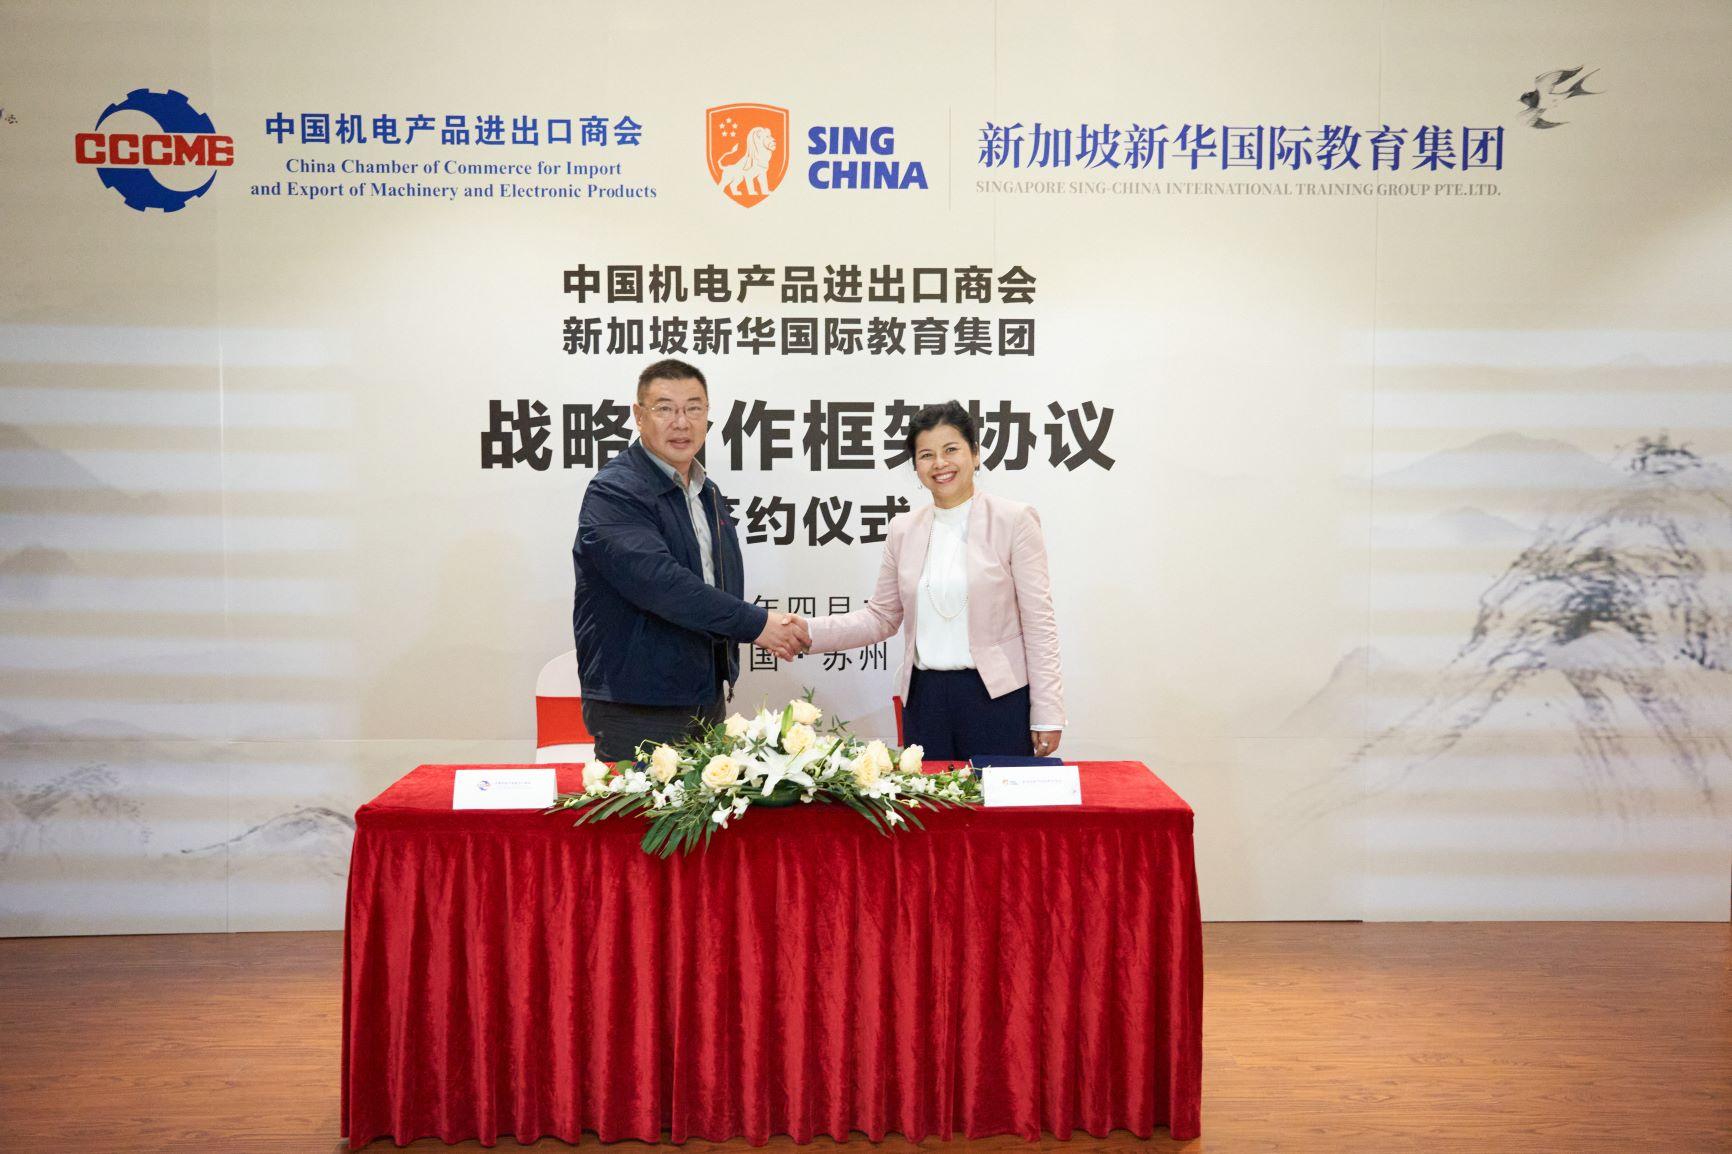 机电商会与新加坡新华国际教育集团签署战略合作协议